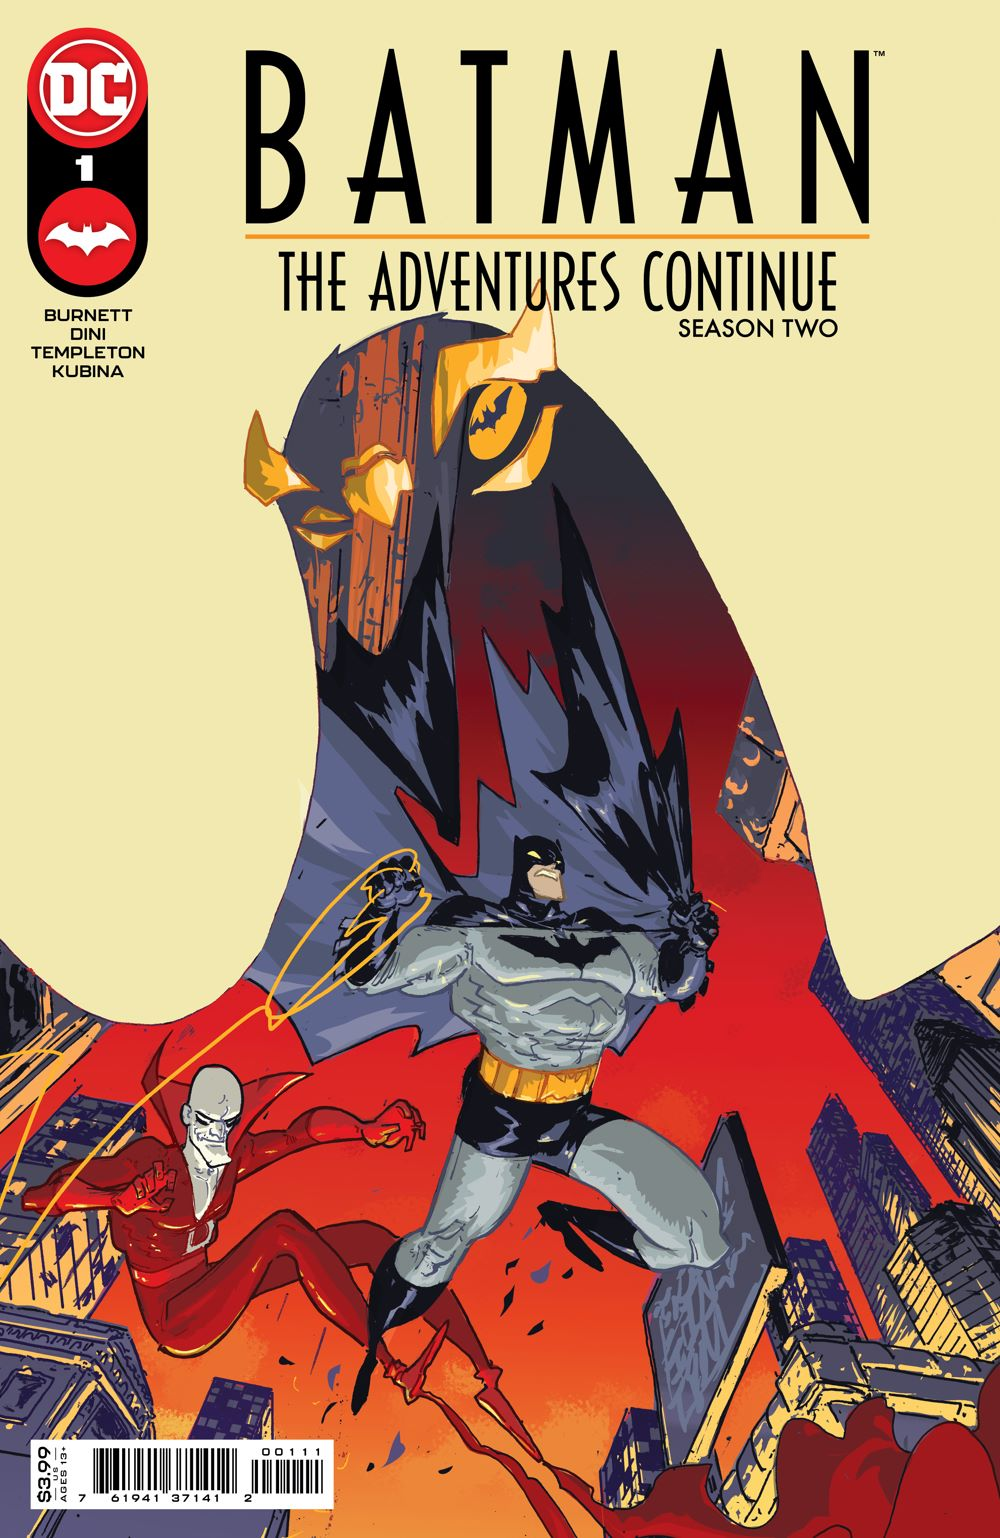 BMTACS2_Cv1 DC Comics June 2021 Solicitations